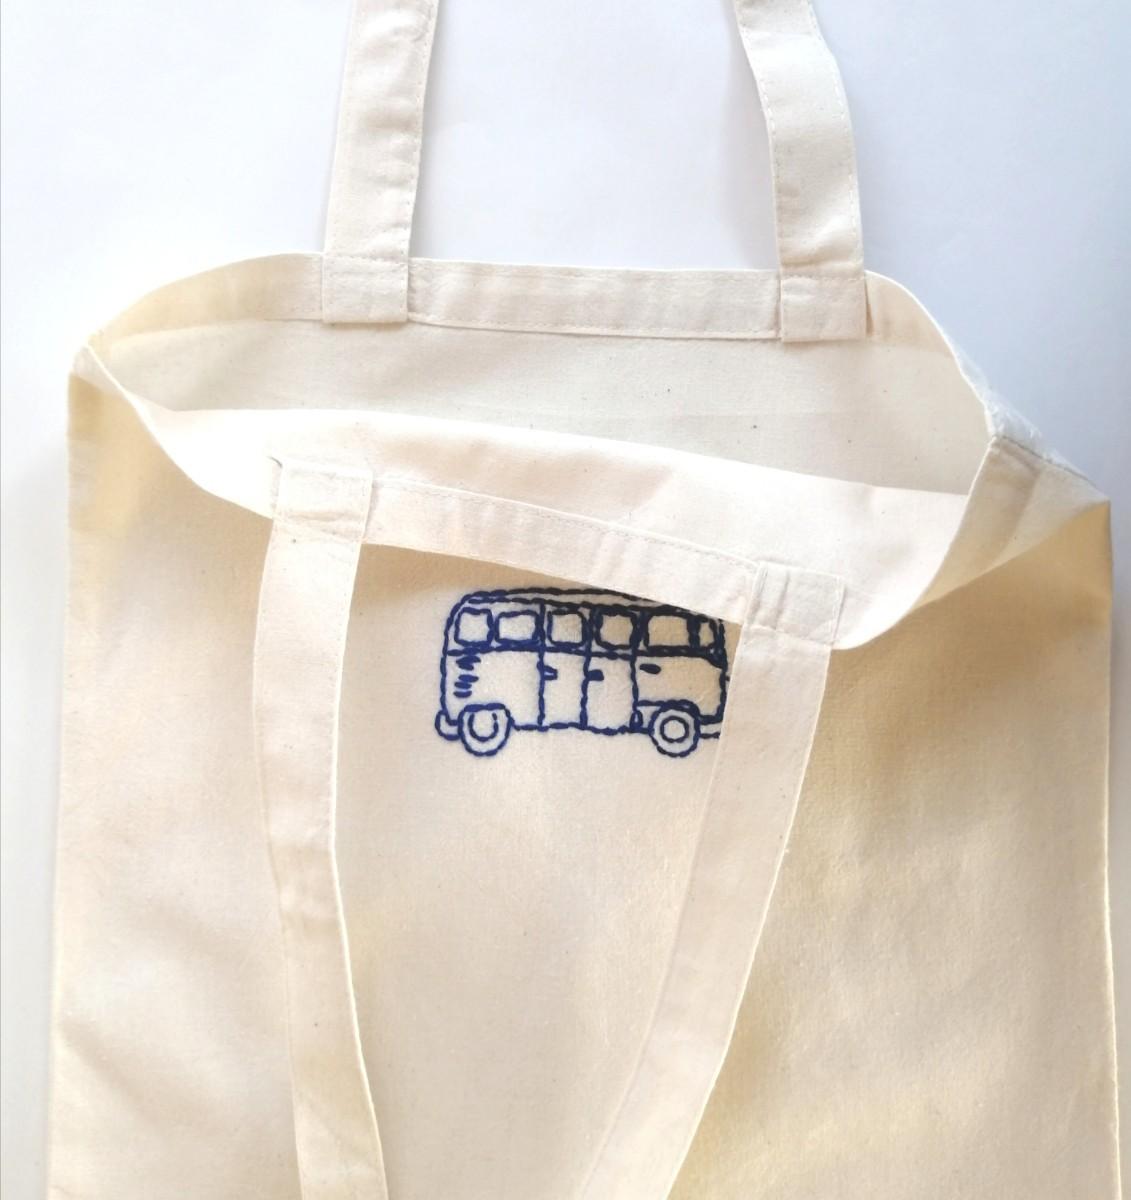 ハンドメイド 青いバス 手縫いの刺繍 トートバッグ フラット 生成り エコバッグ ショルダーバッグ レッスンバッグ 生成り 綿